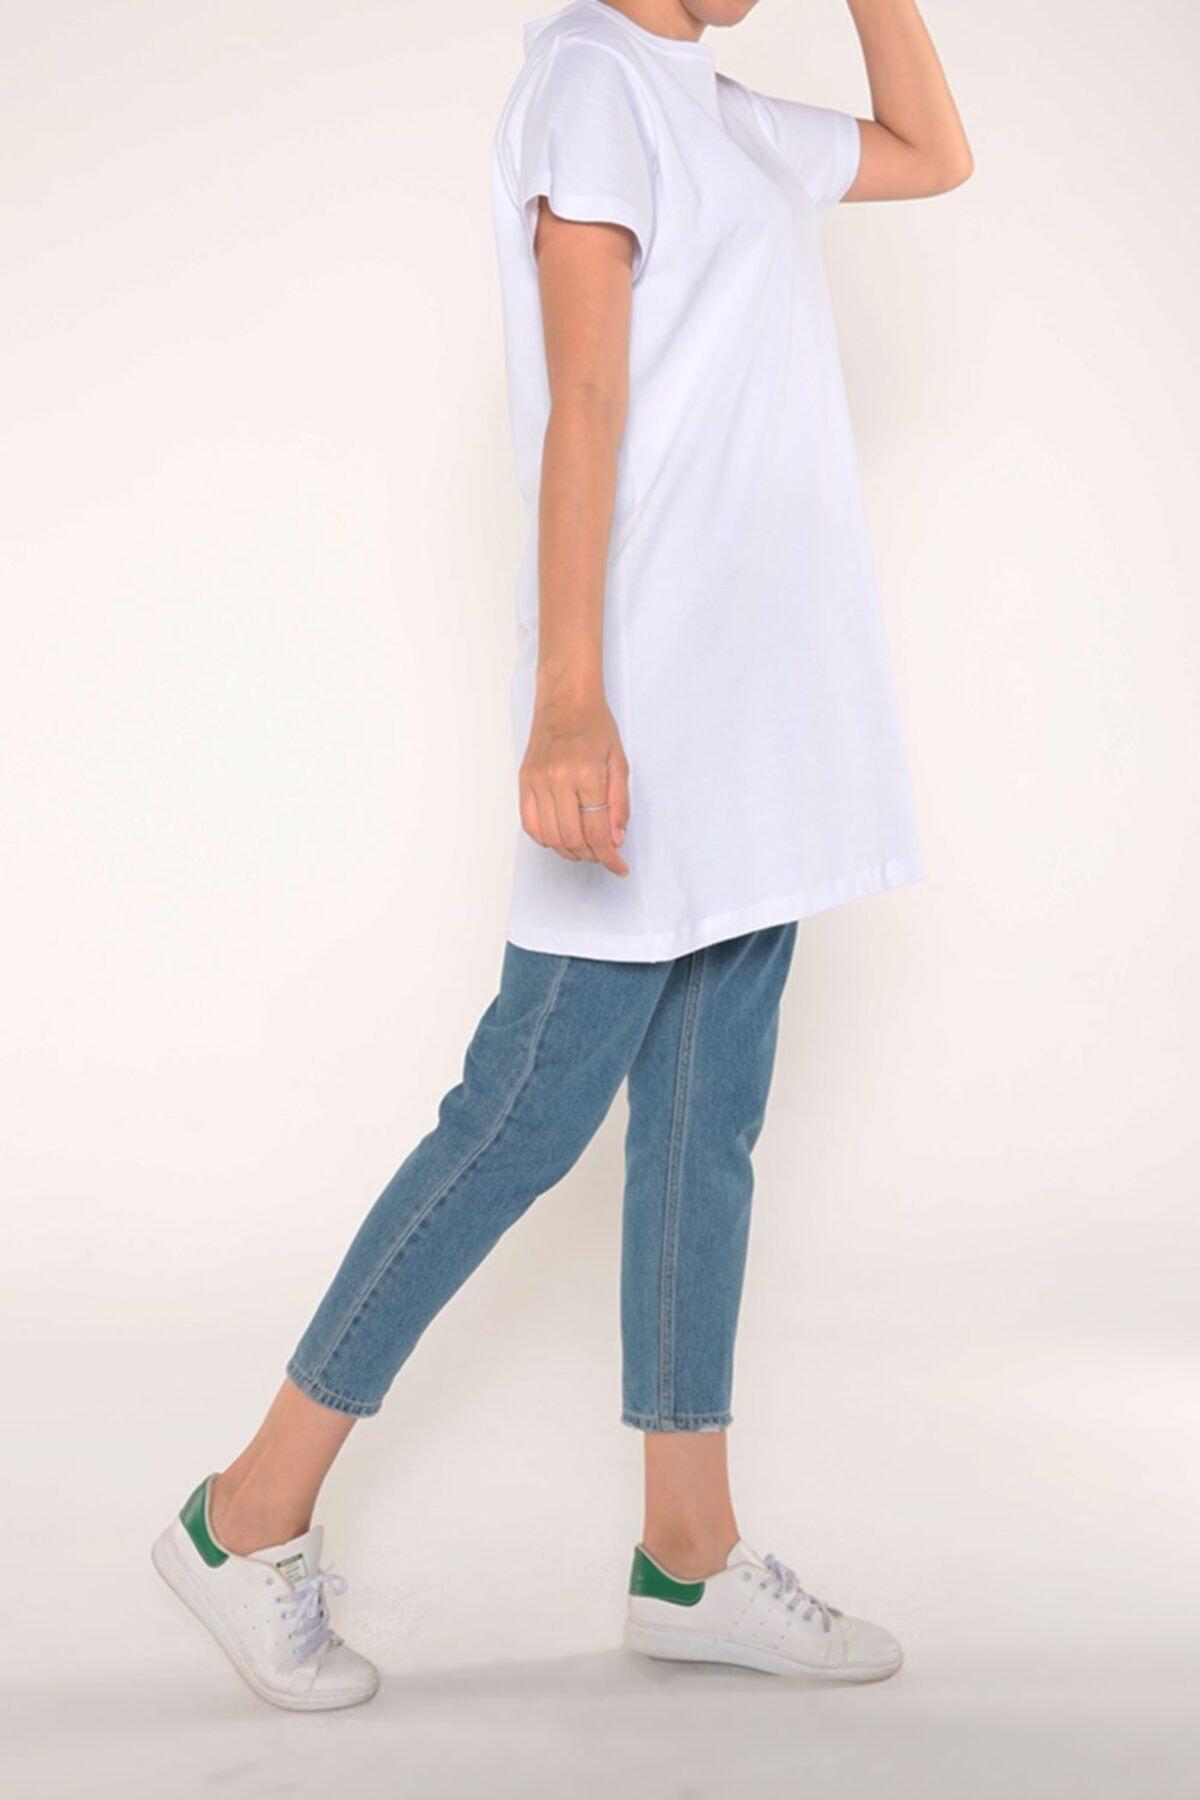 ALLDAY Beyaz Arkası Baskılı Kısa Kol T-shirt 2